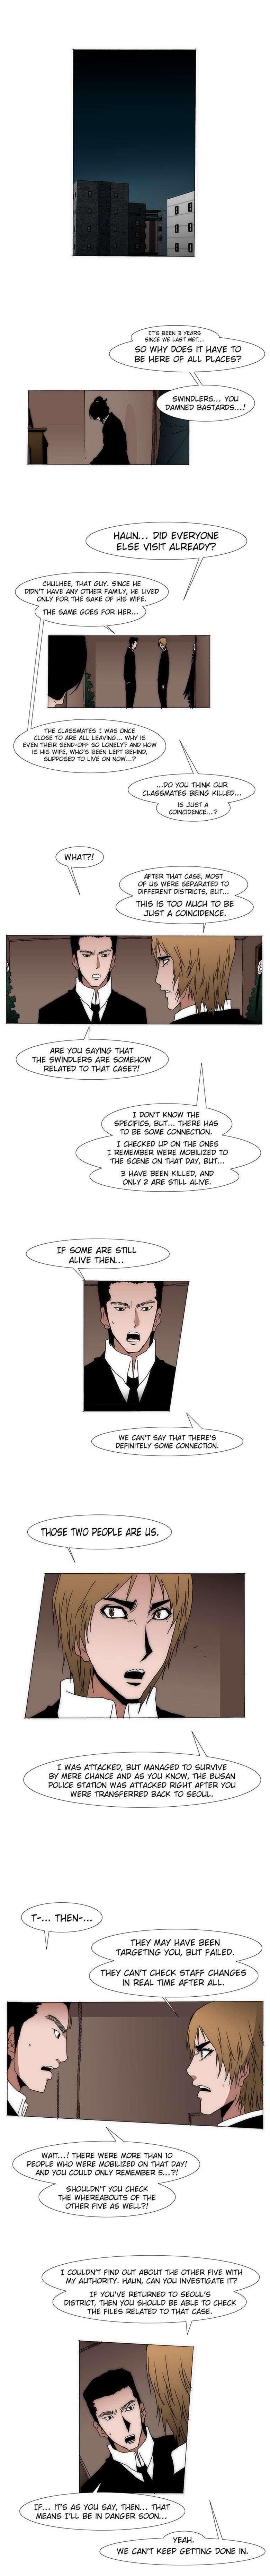 Manga Crayon Days: Daikirai na Aitsu - Chapter 29 Page 2